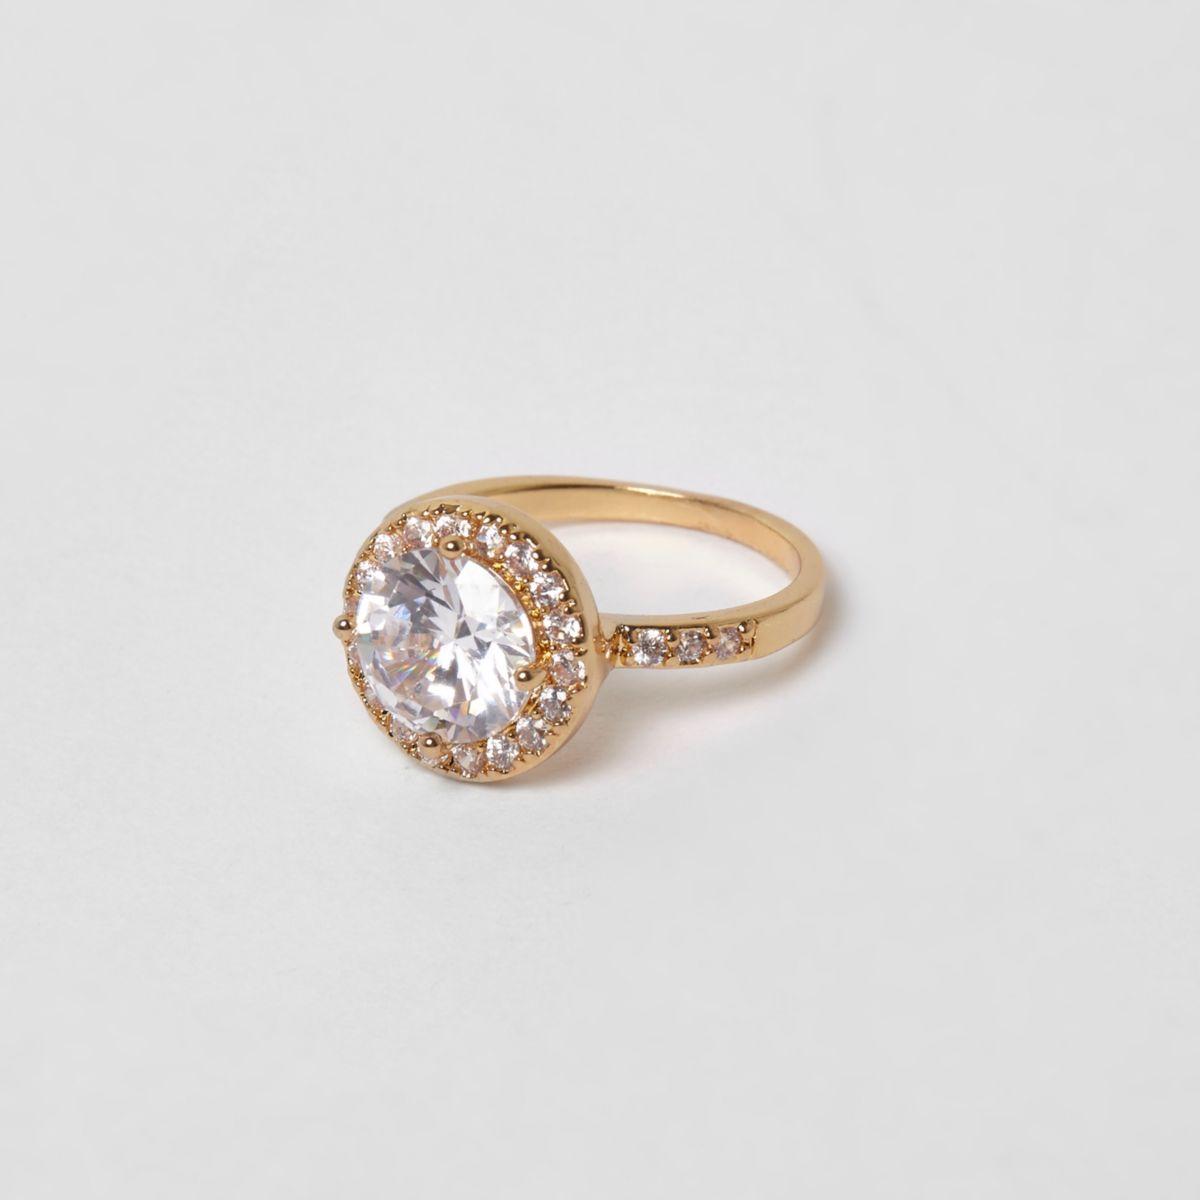 Cubic zirconia gold tone diamante ring